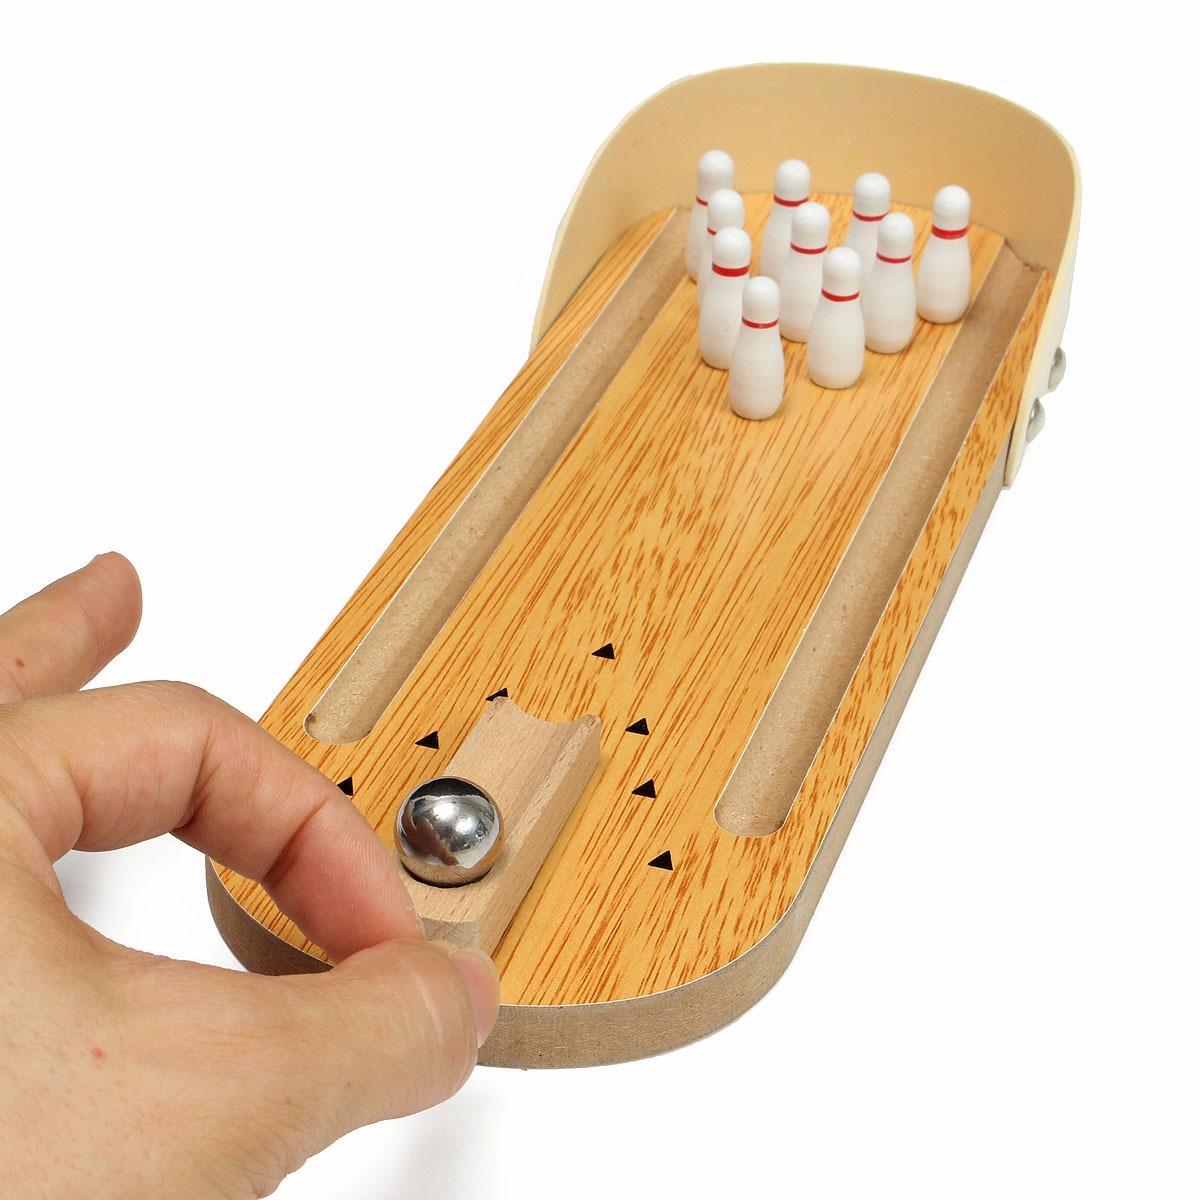 Hình ảnh Đồ chơi trẻ em bằng gỗ Mini Bowling